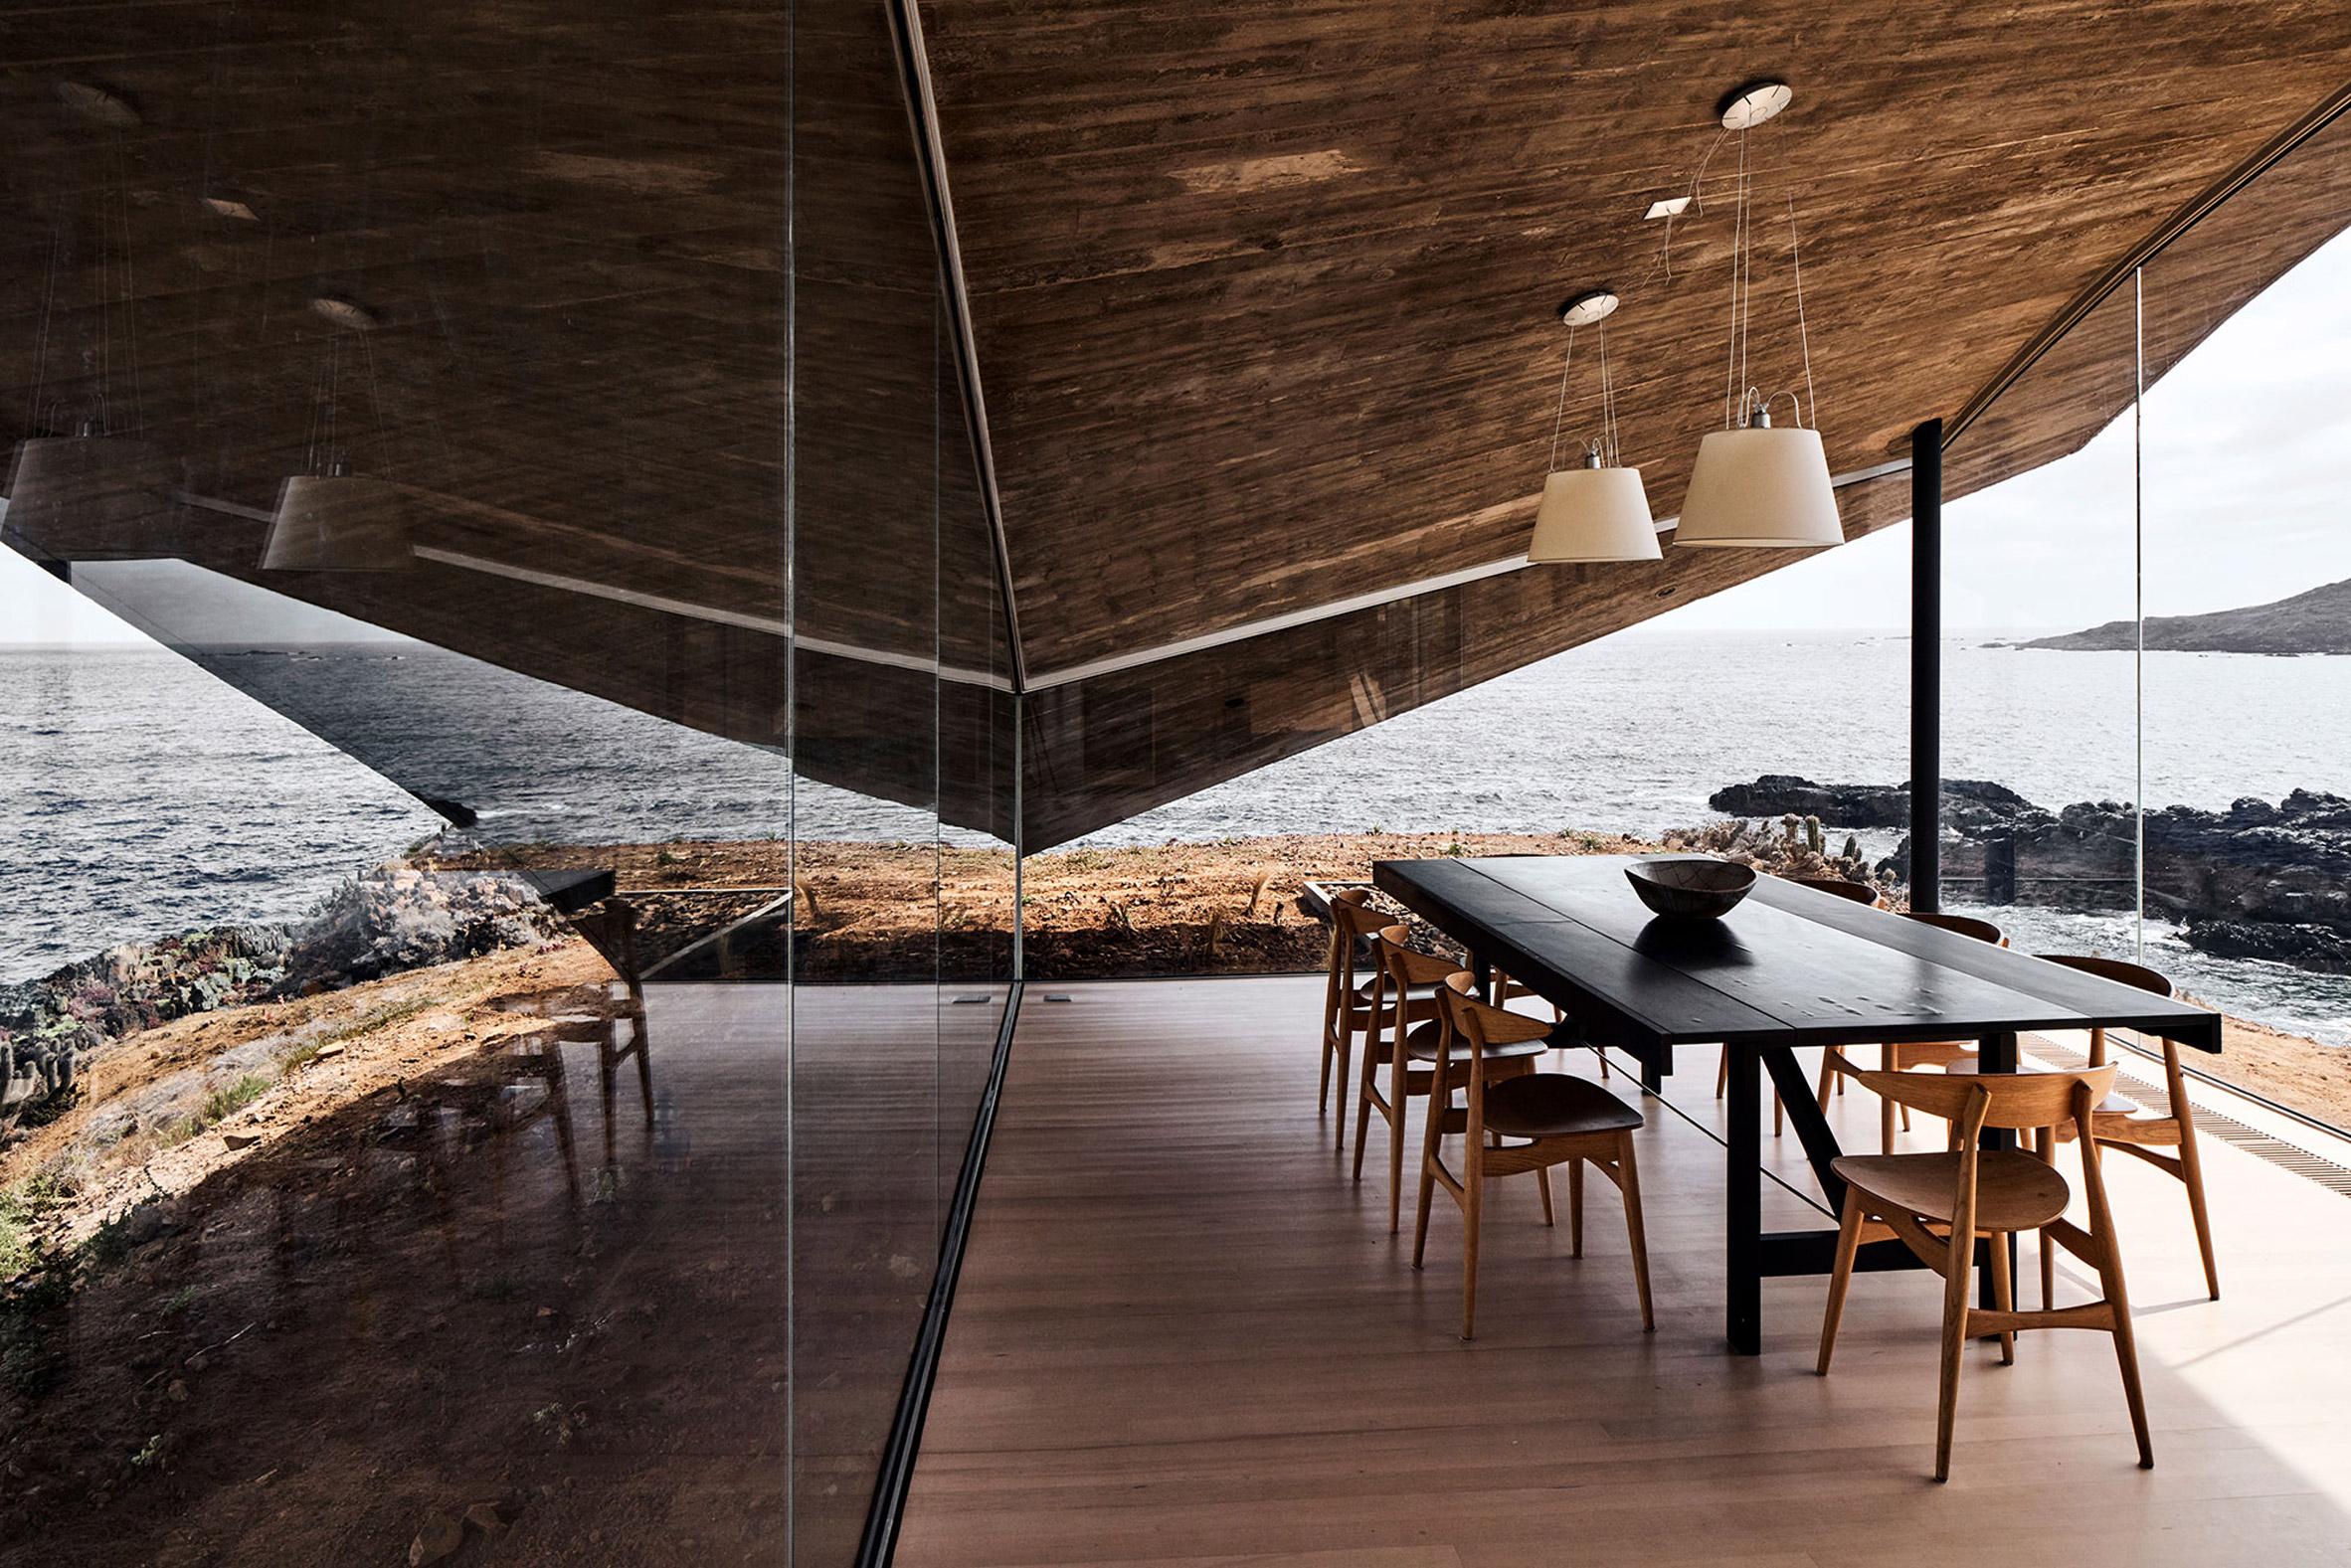 Casa Ochoalcubo by Ryue Nishizawa